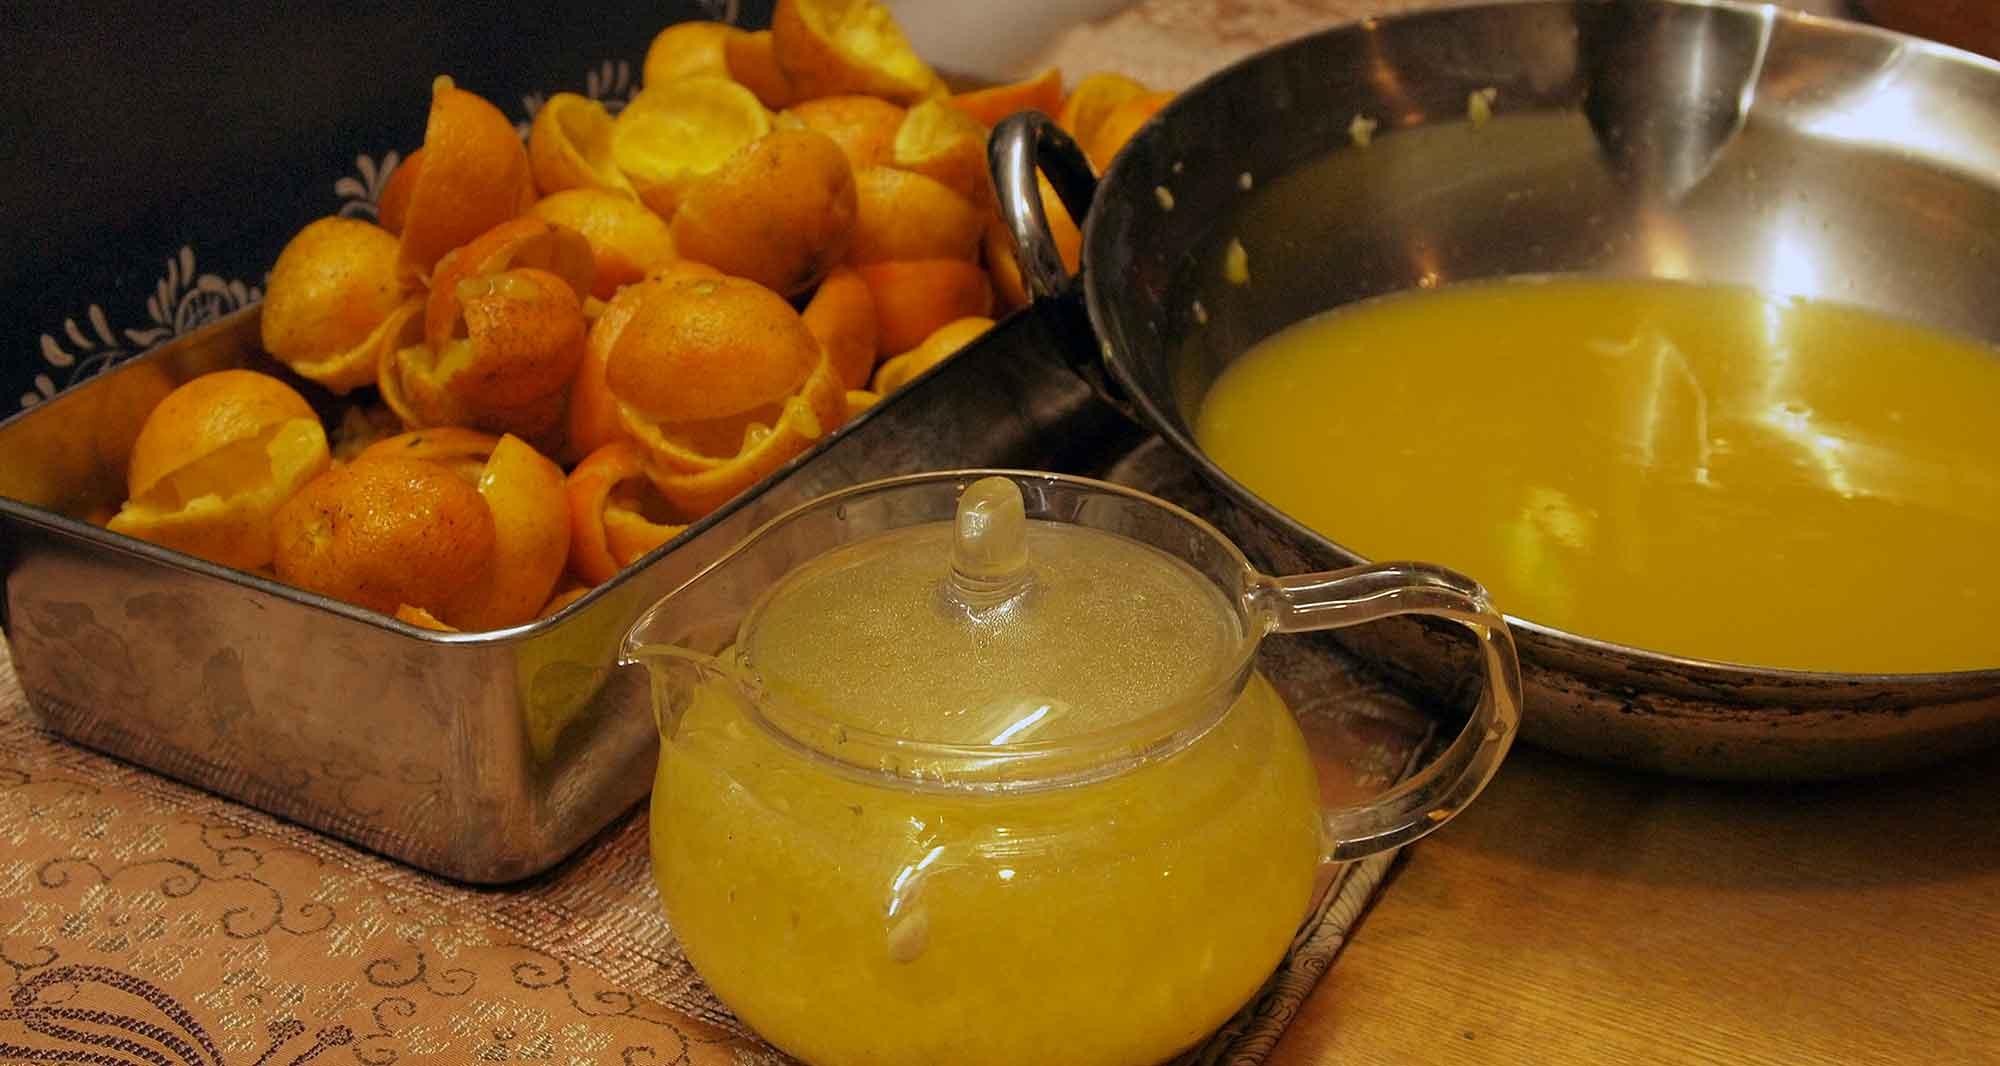 果汁をこした時、残った種と甘皮をホットレモン風に